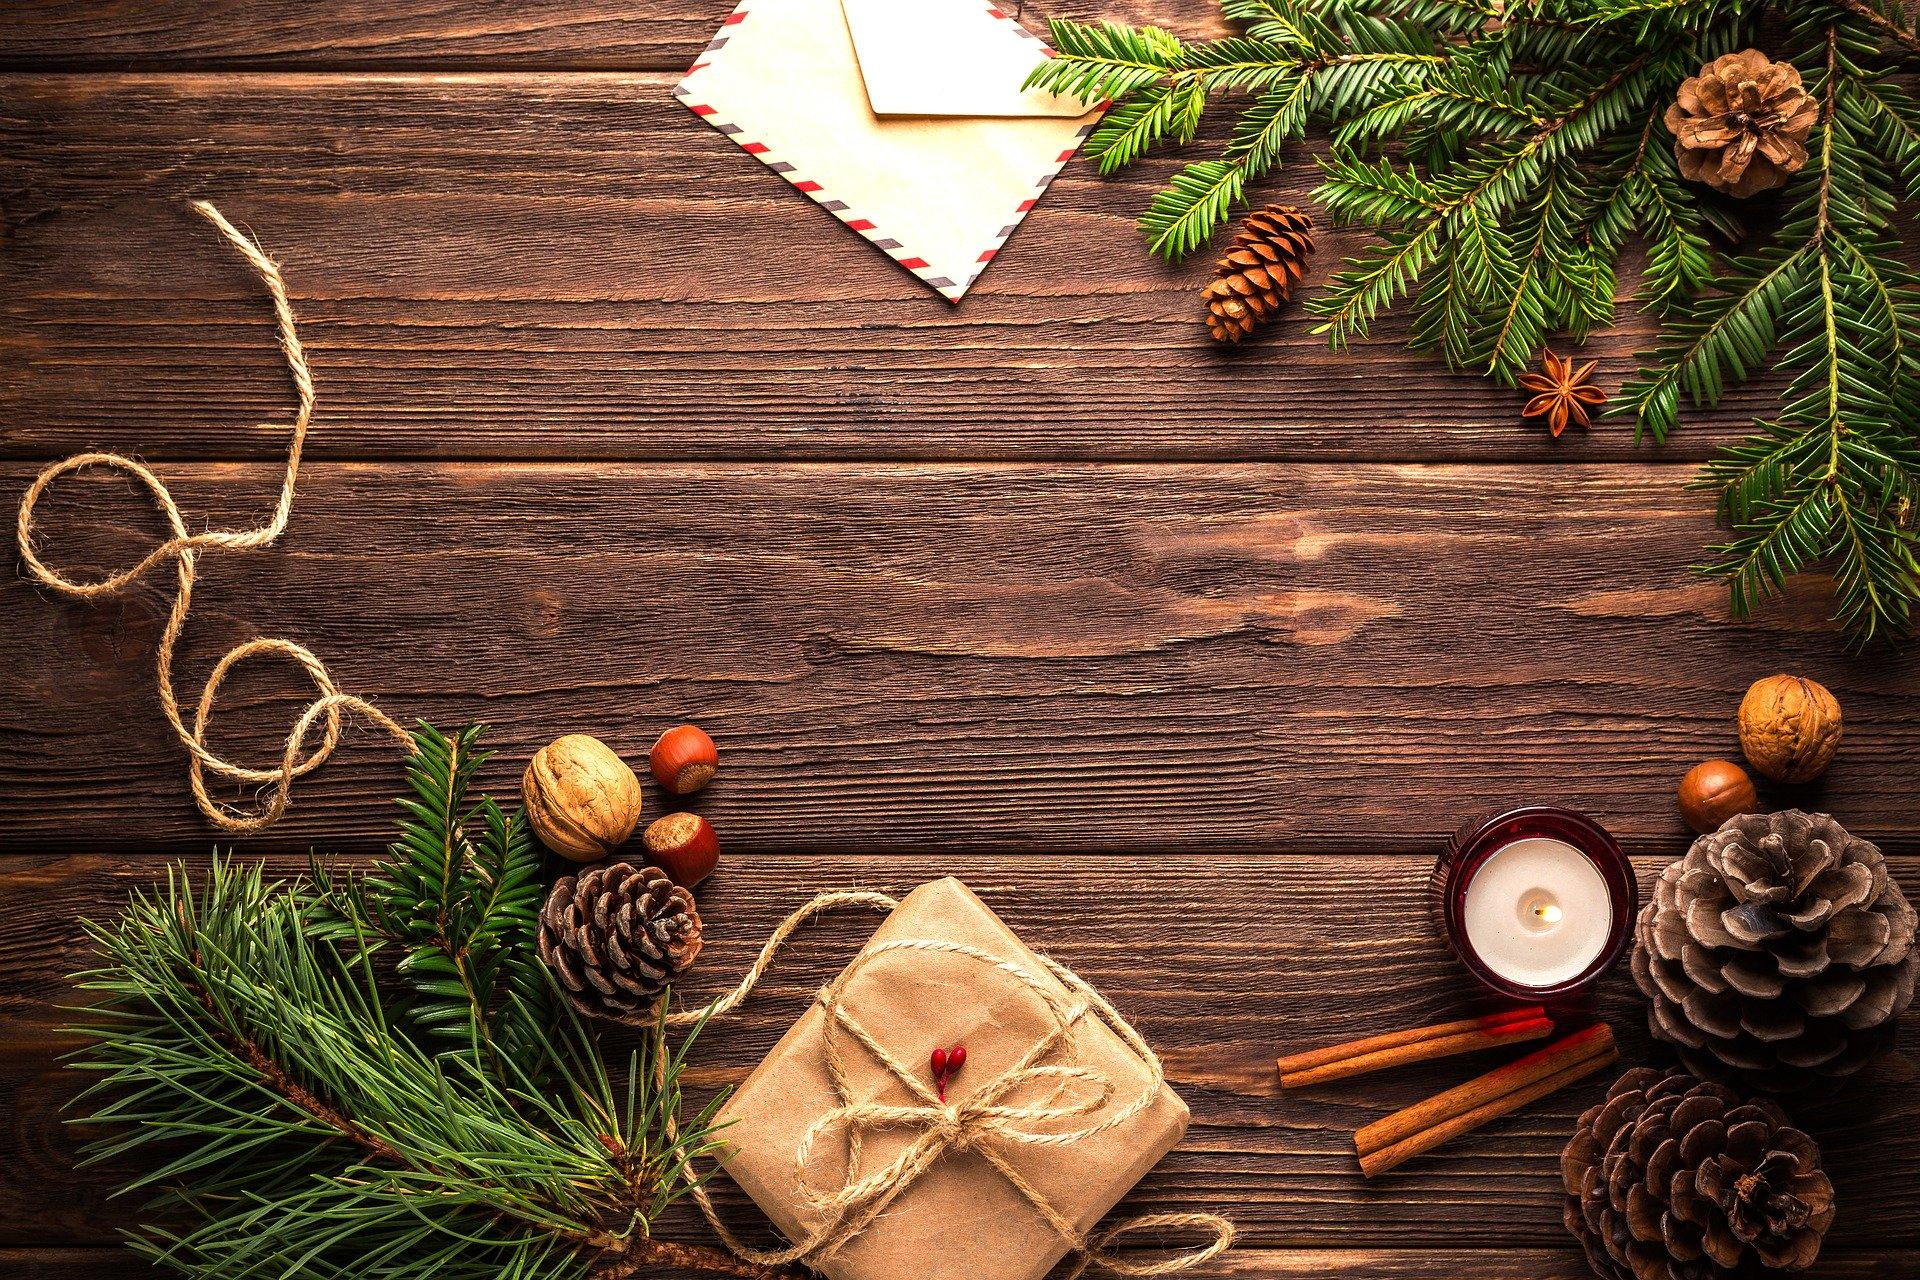 Weihnachtsgeschenk: Dir sei Vergeben!